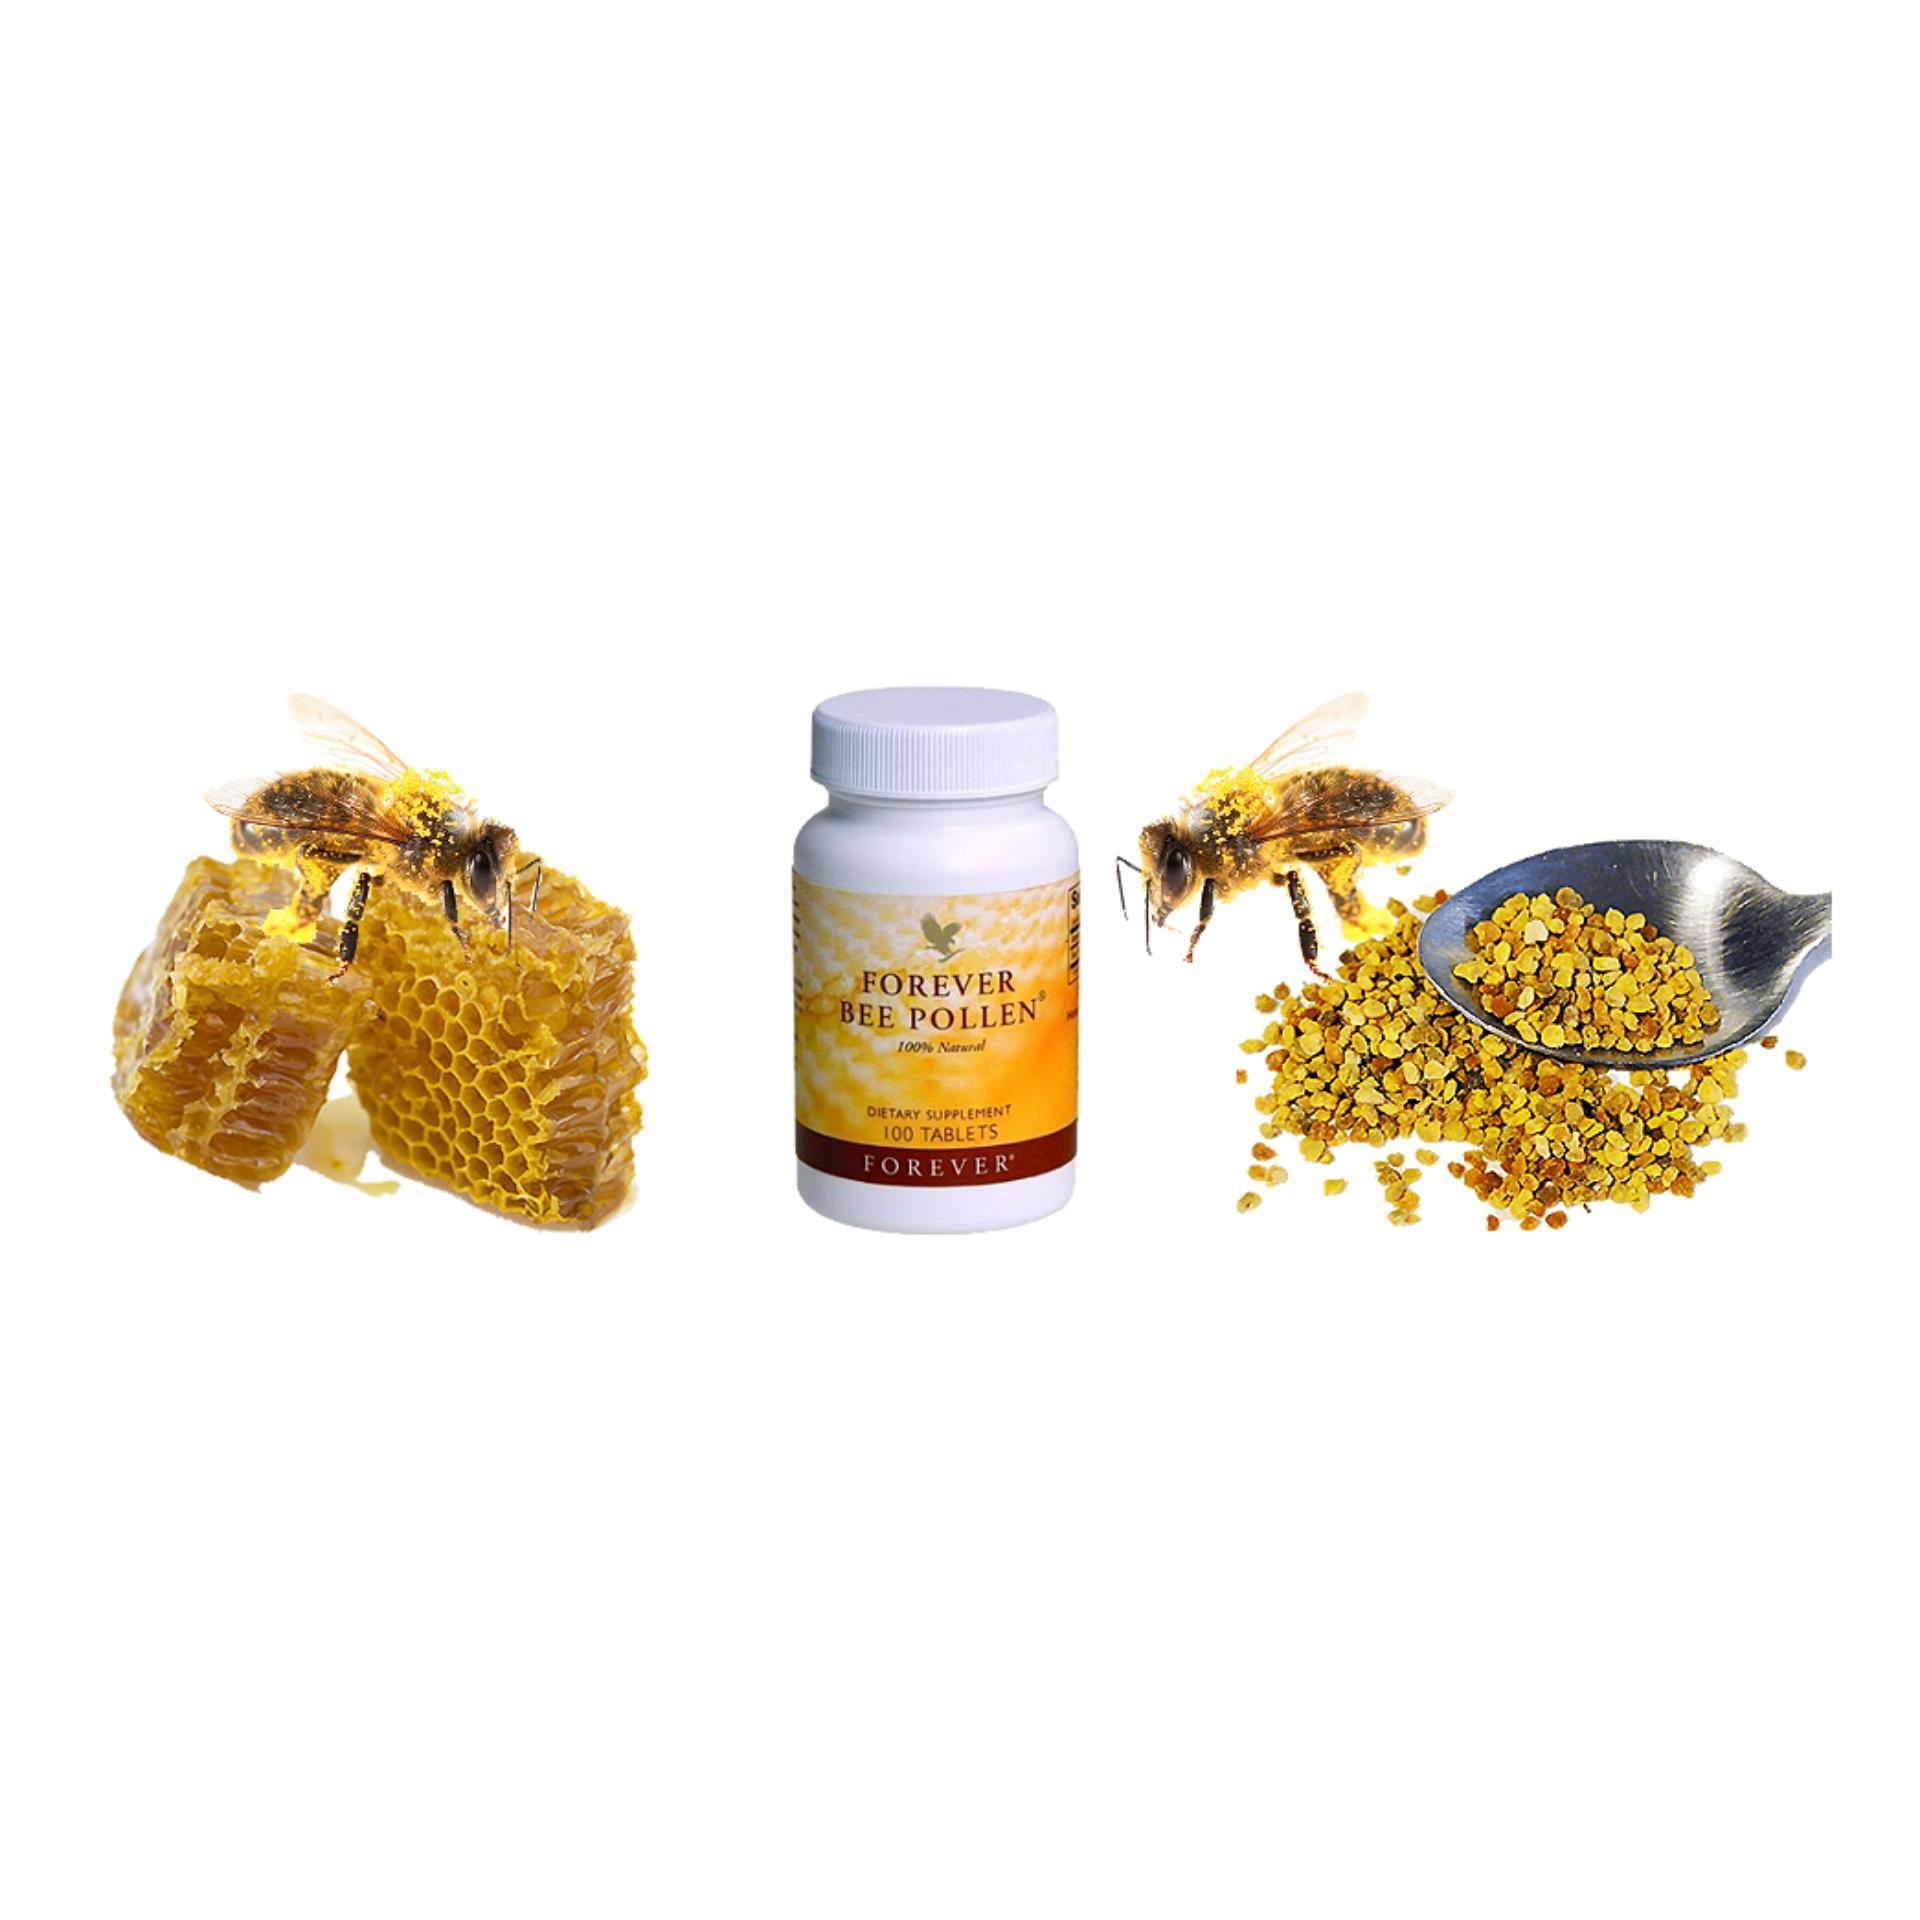 Giảm giá Phấn Hoa Tái Tạo Tinh Trùng Cho Phái Nam Forever Bee Pollen – Hàng Chính Hãng